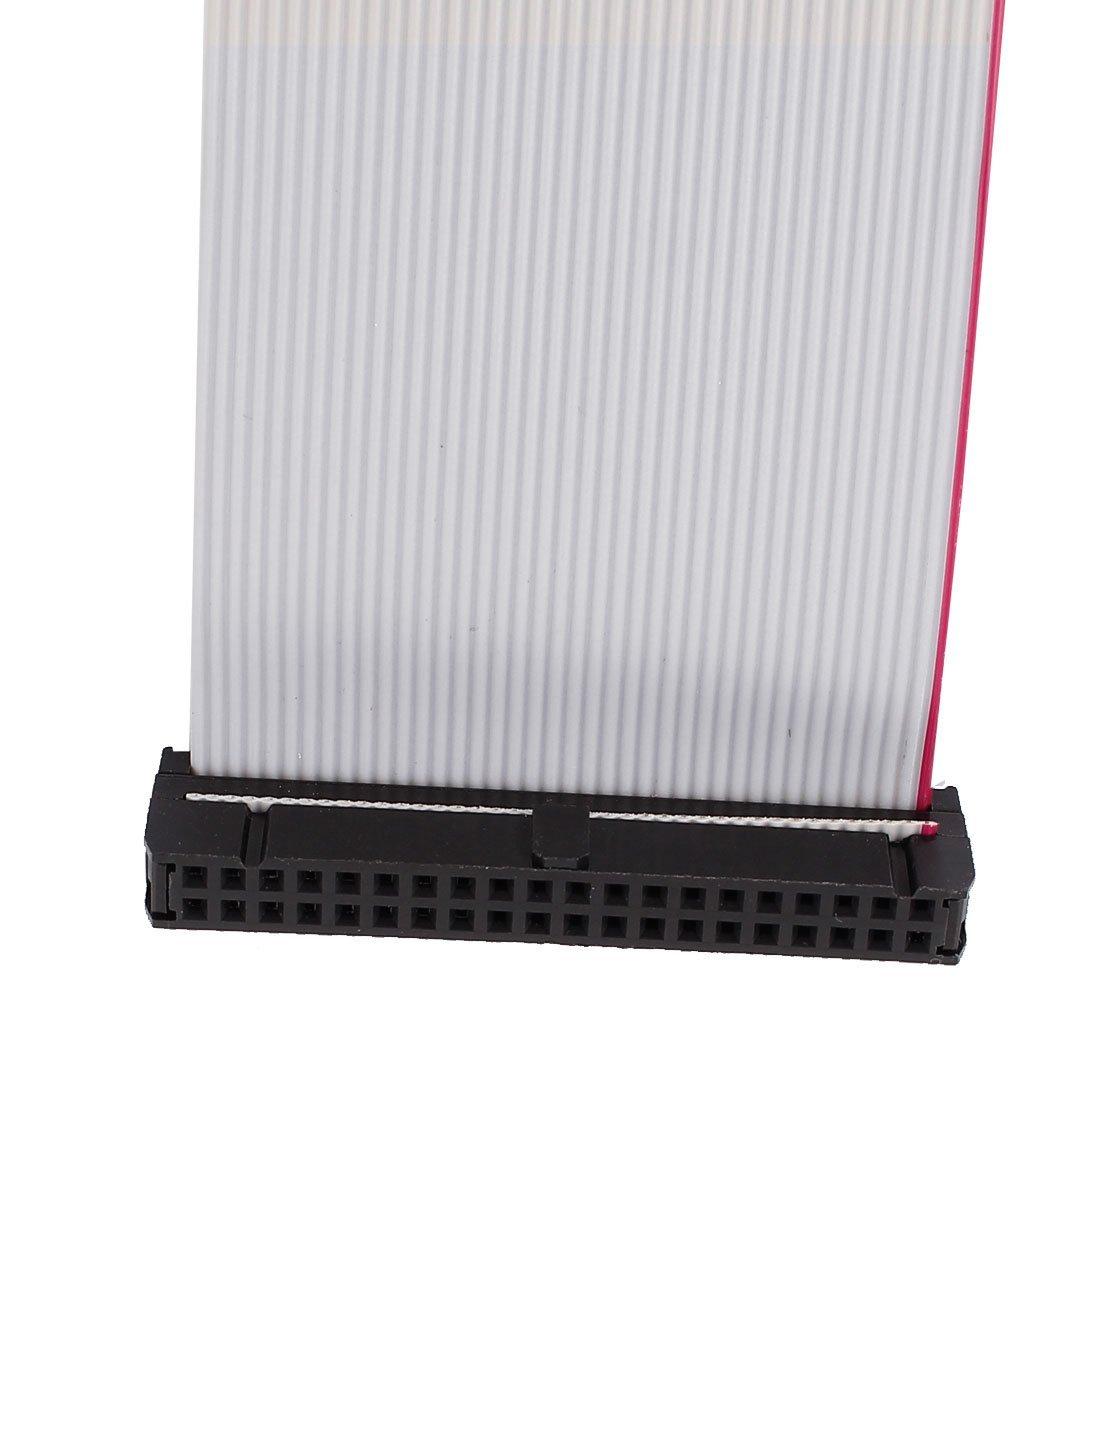 Amazon.com: eDealMax 2pcs 2.54mm 40-pin hembra a hembra IDE PATA de la Cinta del Cable Plano DE 20 cm: Electronics